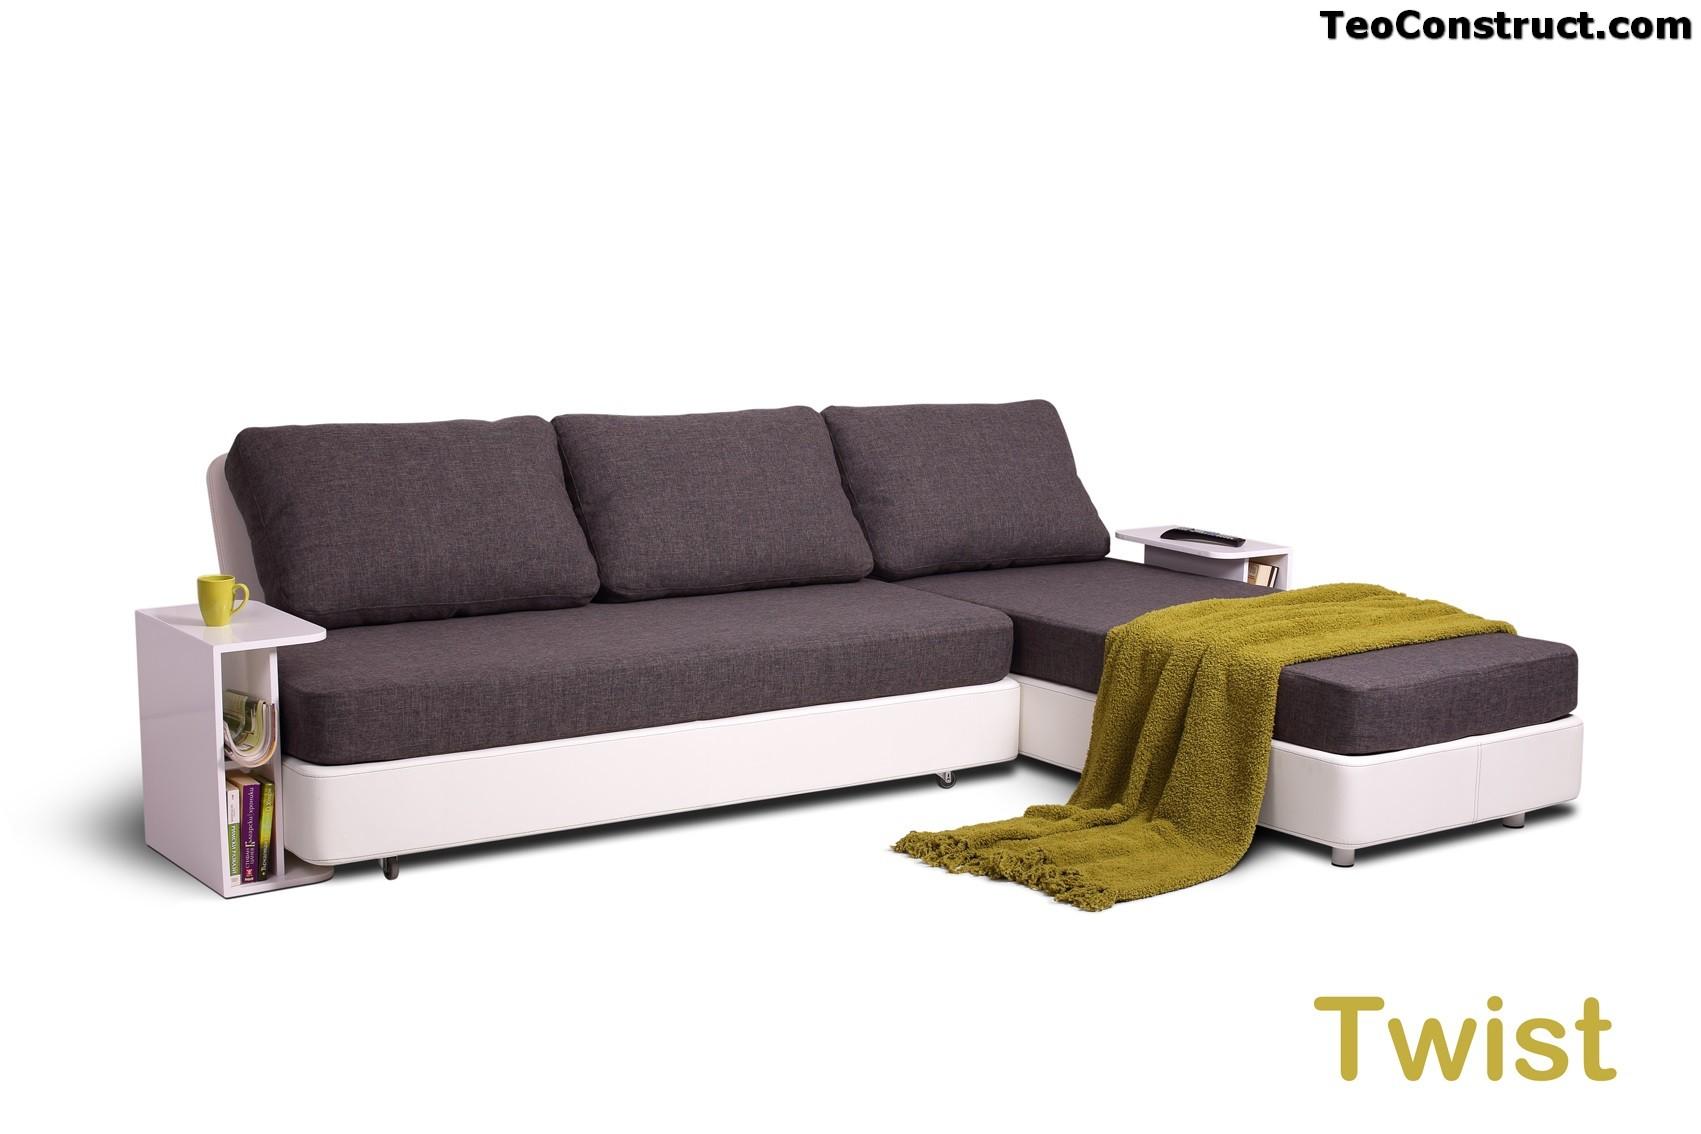 Canapea Twist pentru apartament04